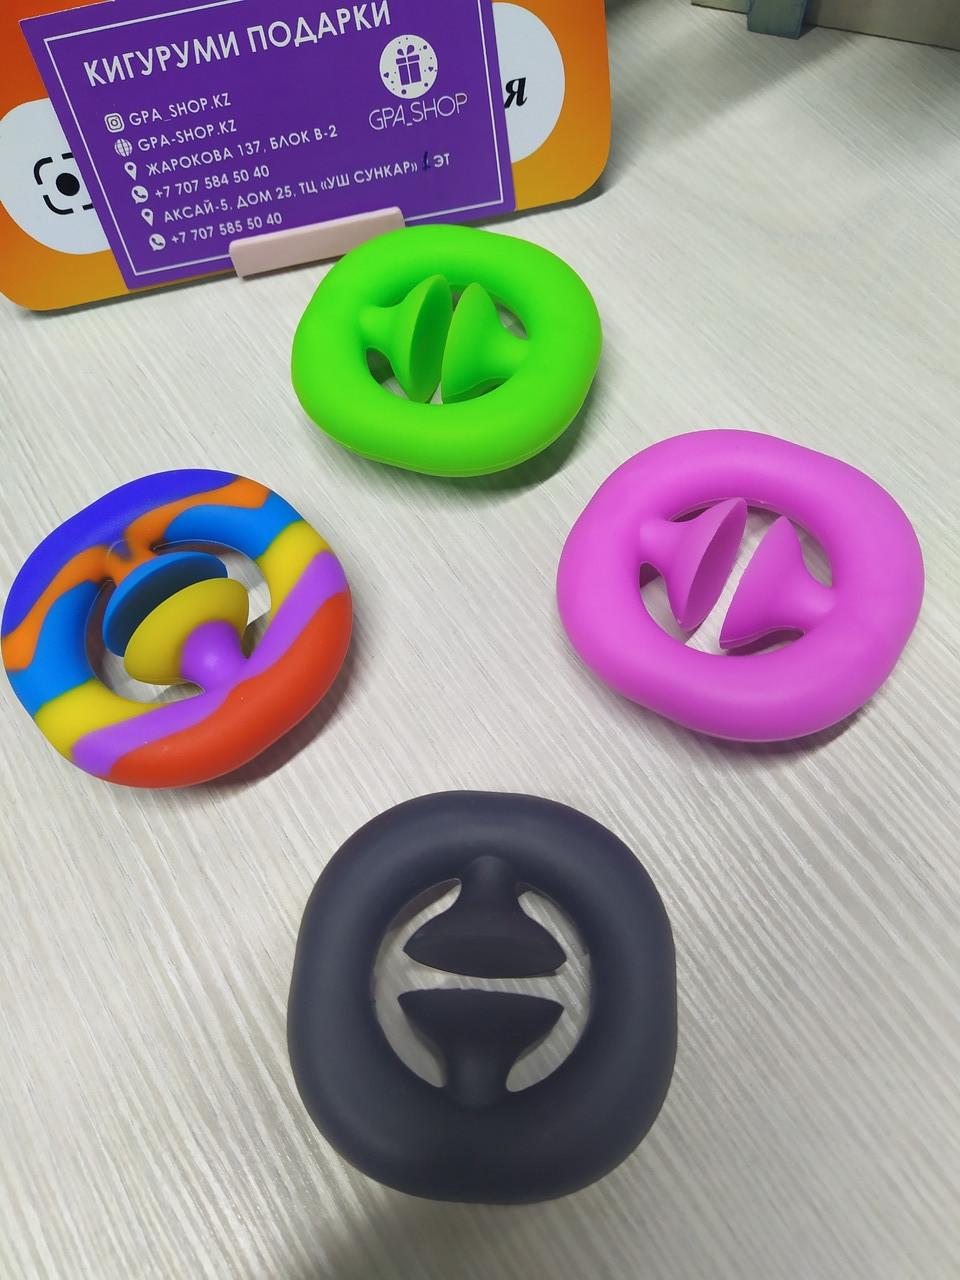 Антистрессовая игрушка snapperz